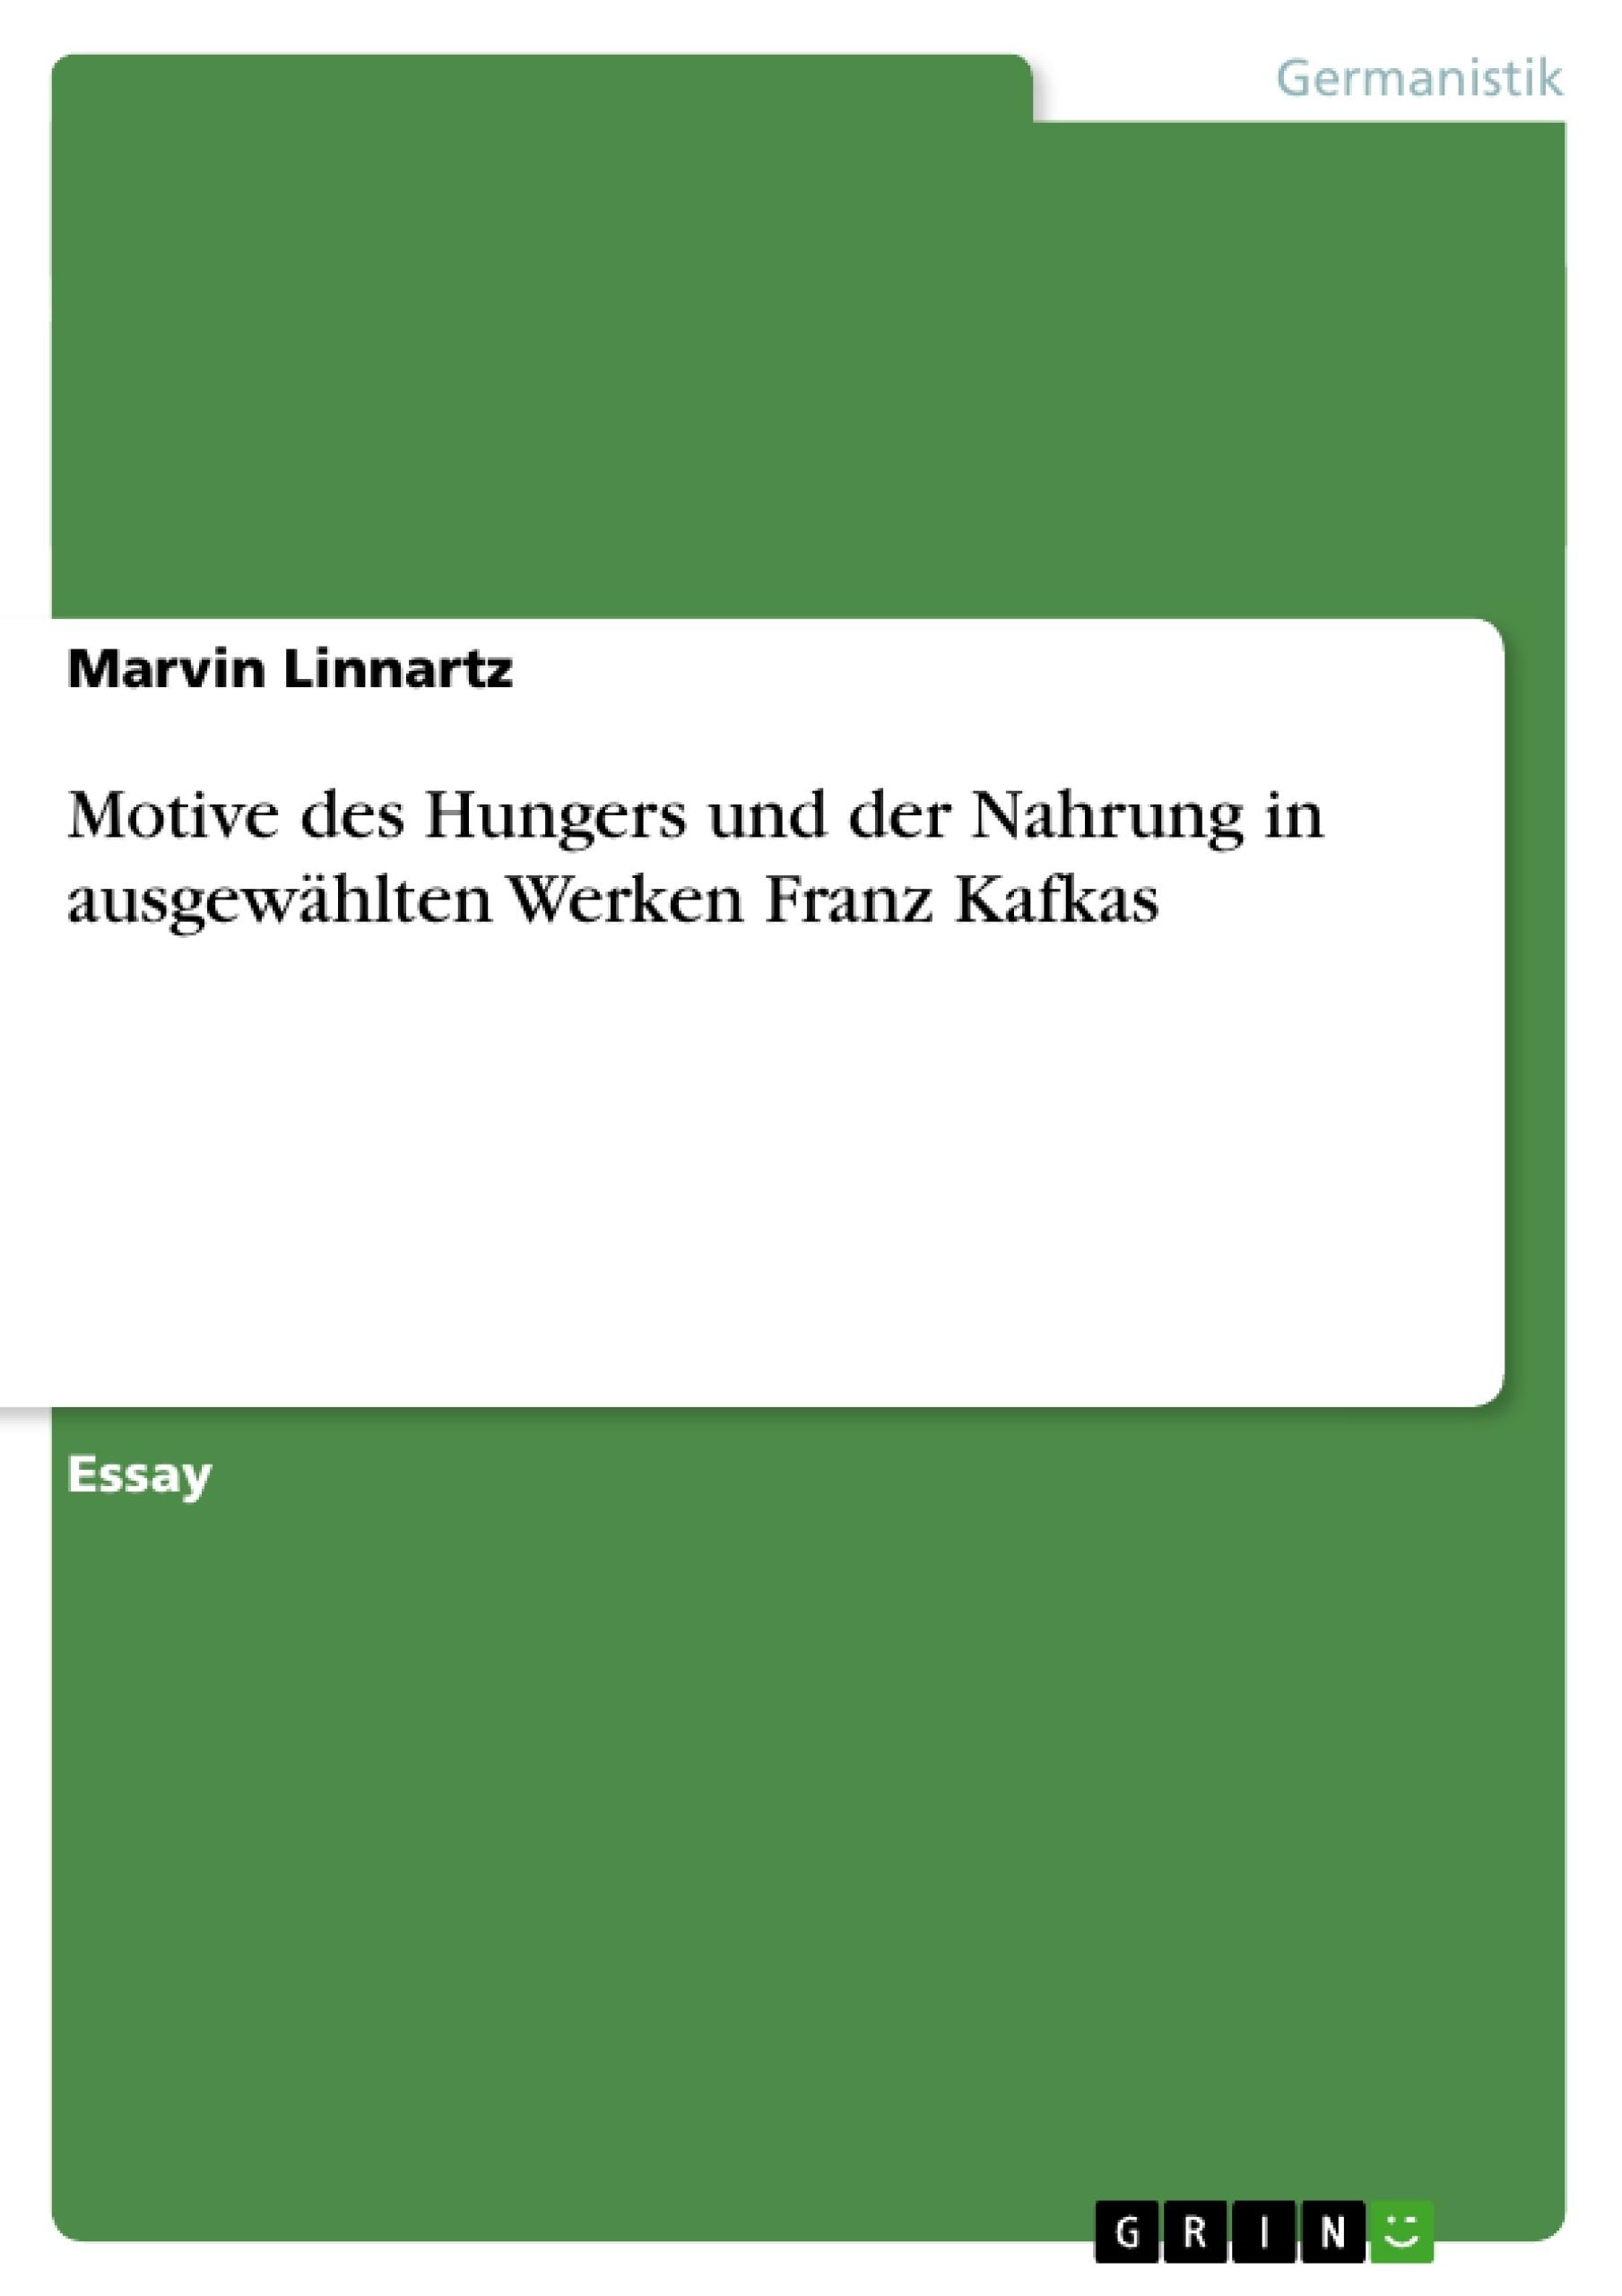 Titel: Motive des Hungers und der Nahrung in ausgewählten Werken Franz Kafkas